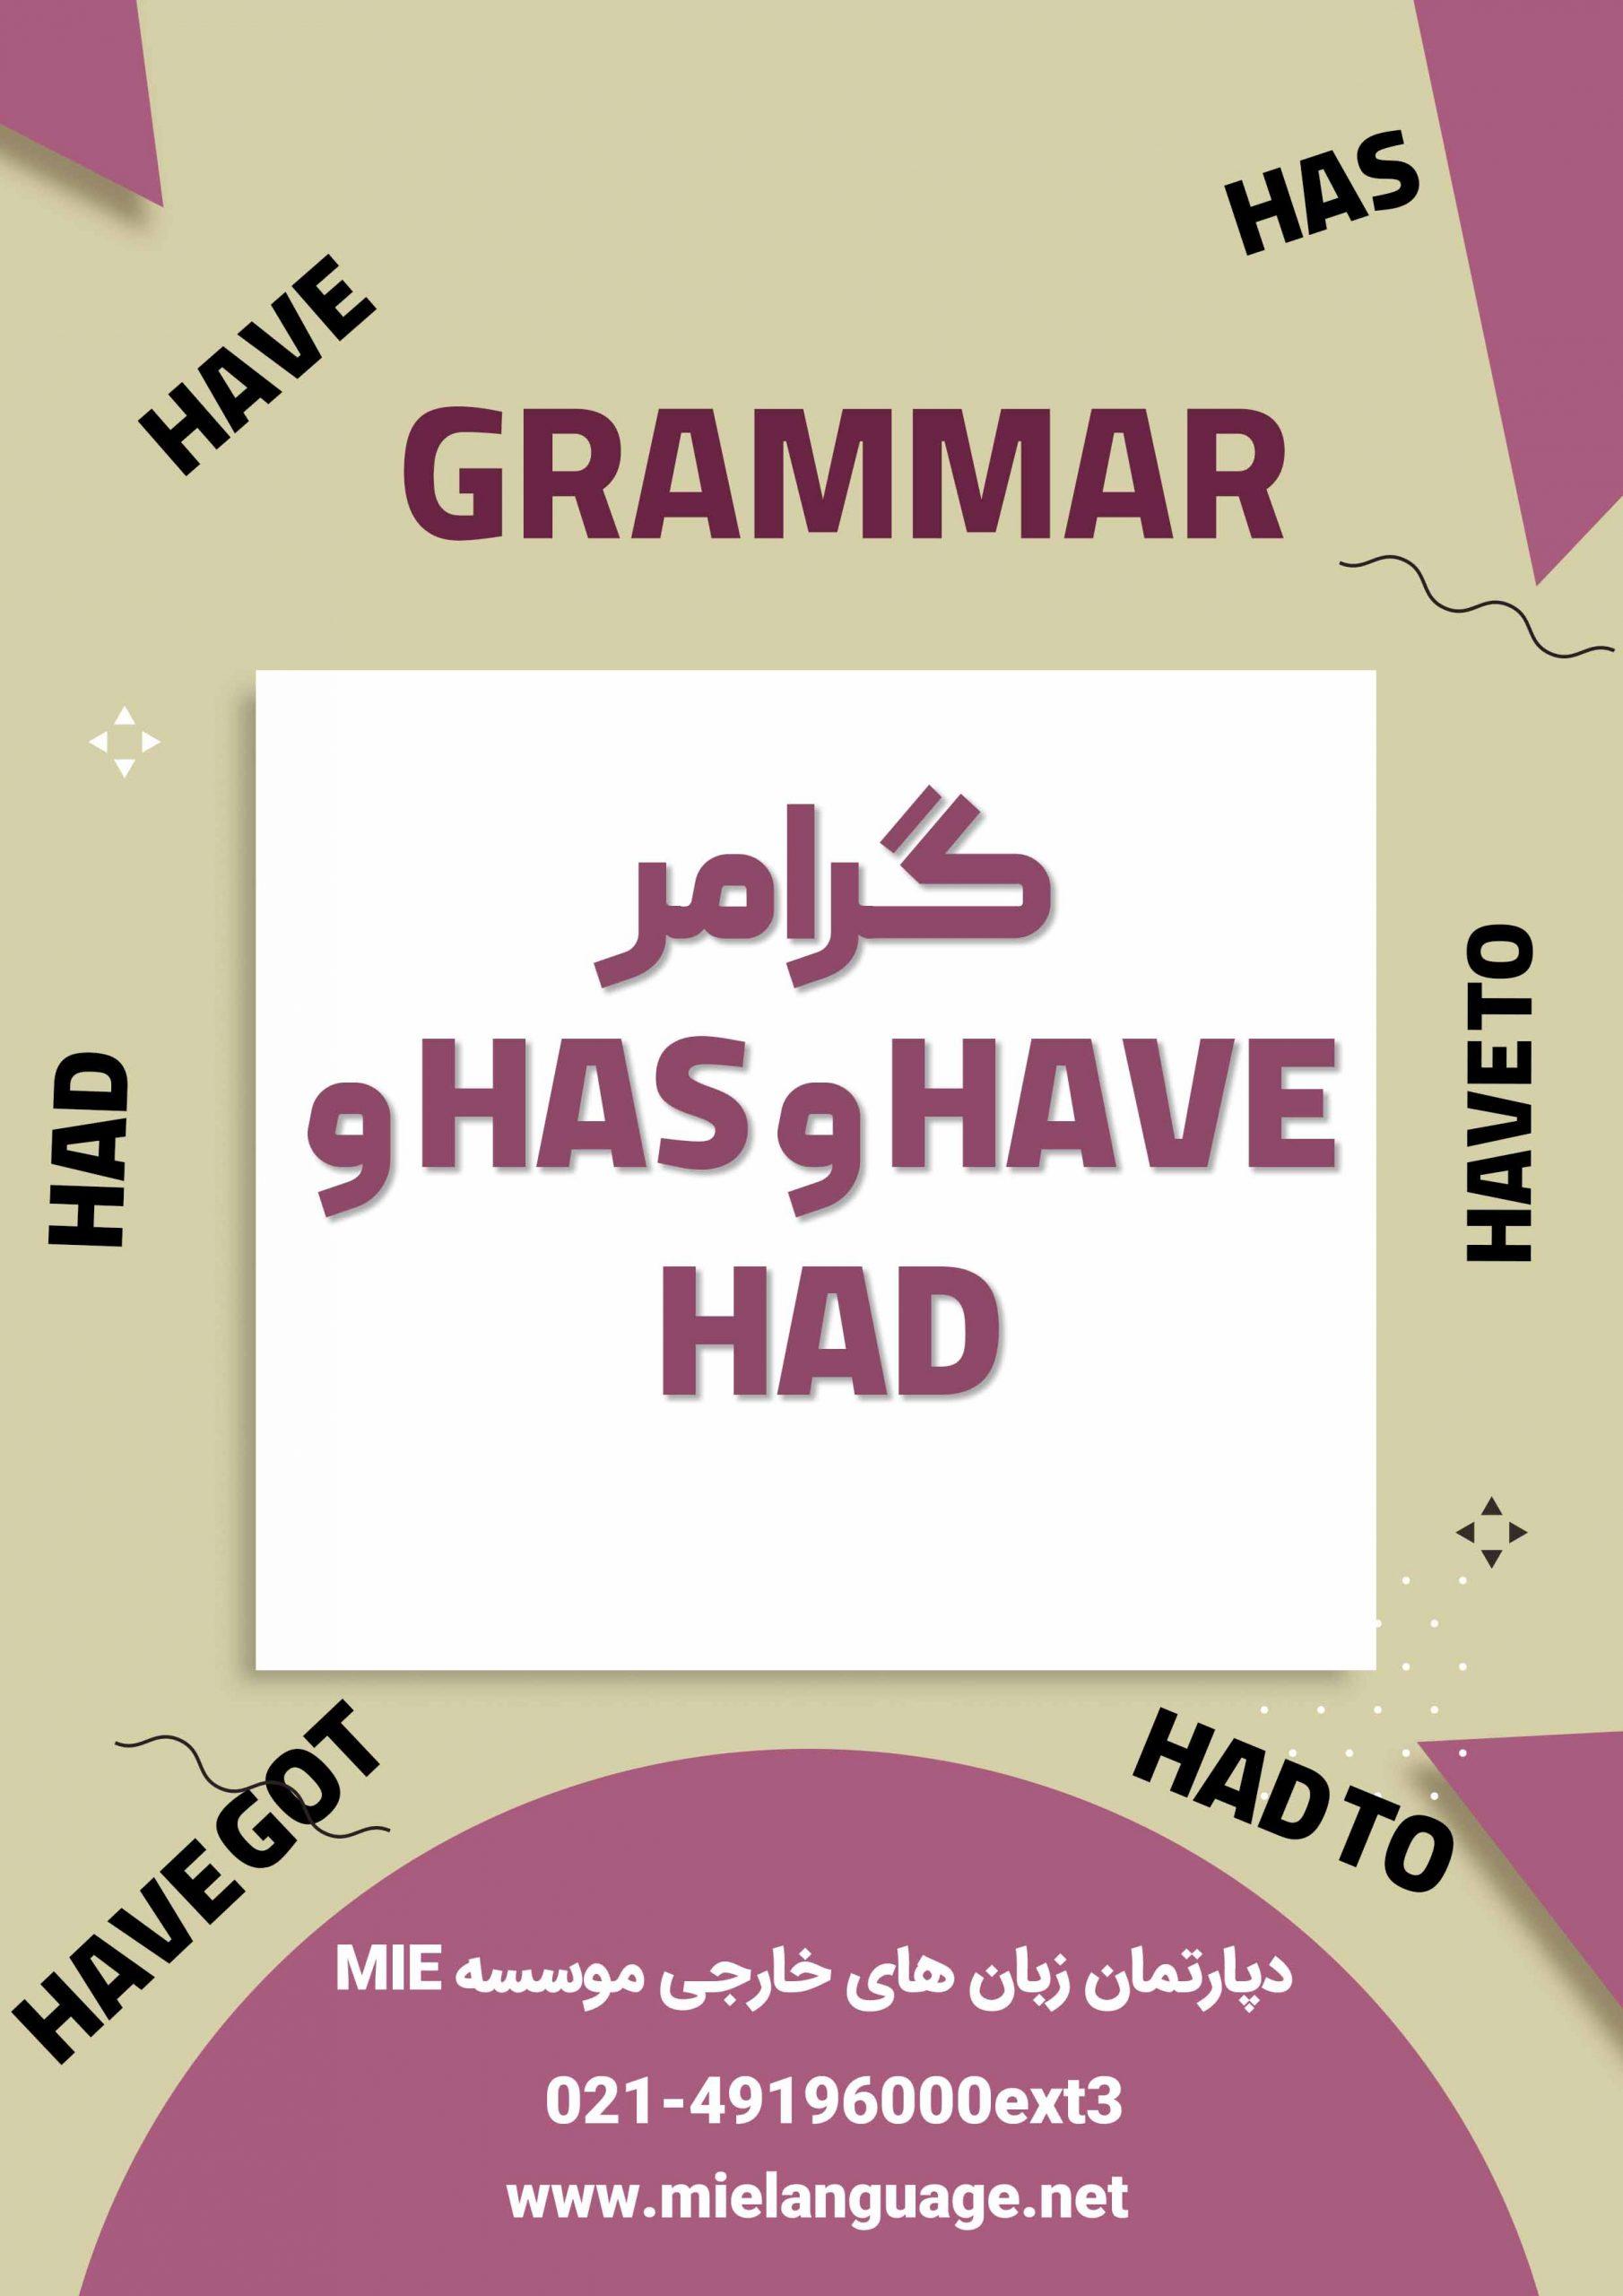 کاربرد گرامر have و has و had در زبان انگلیسی